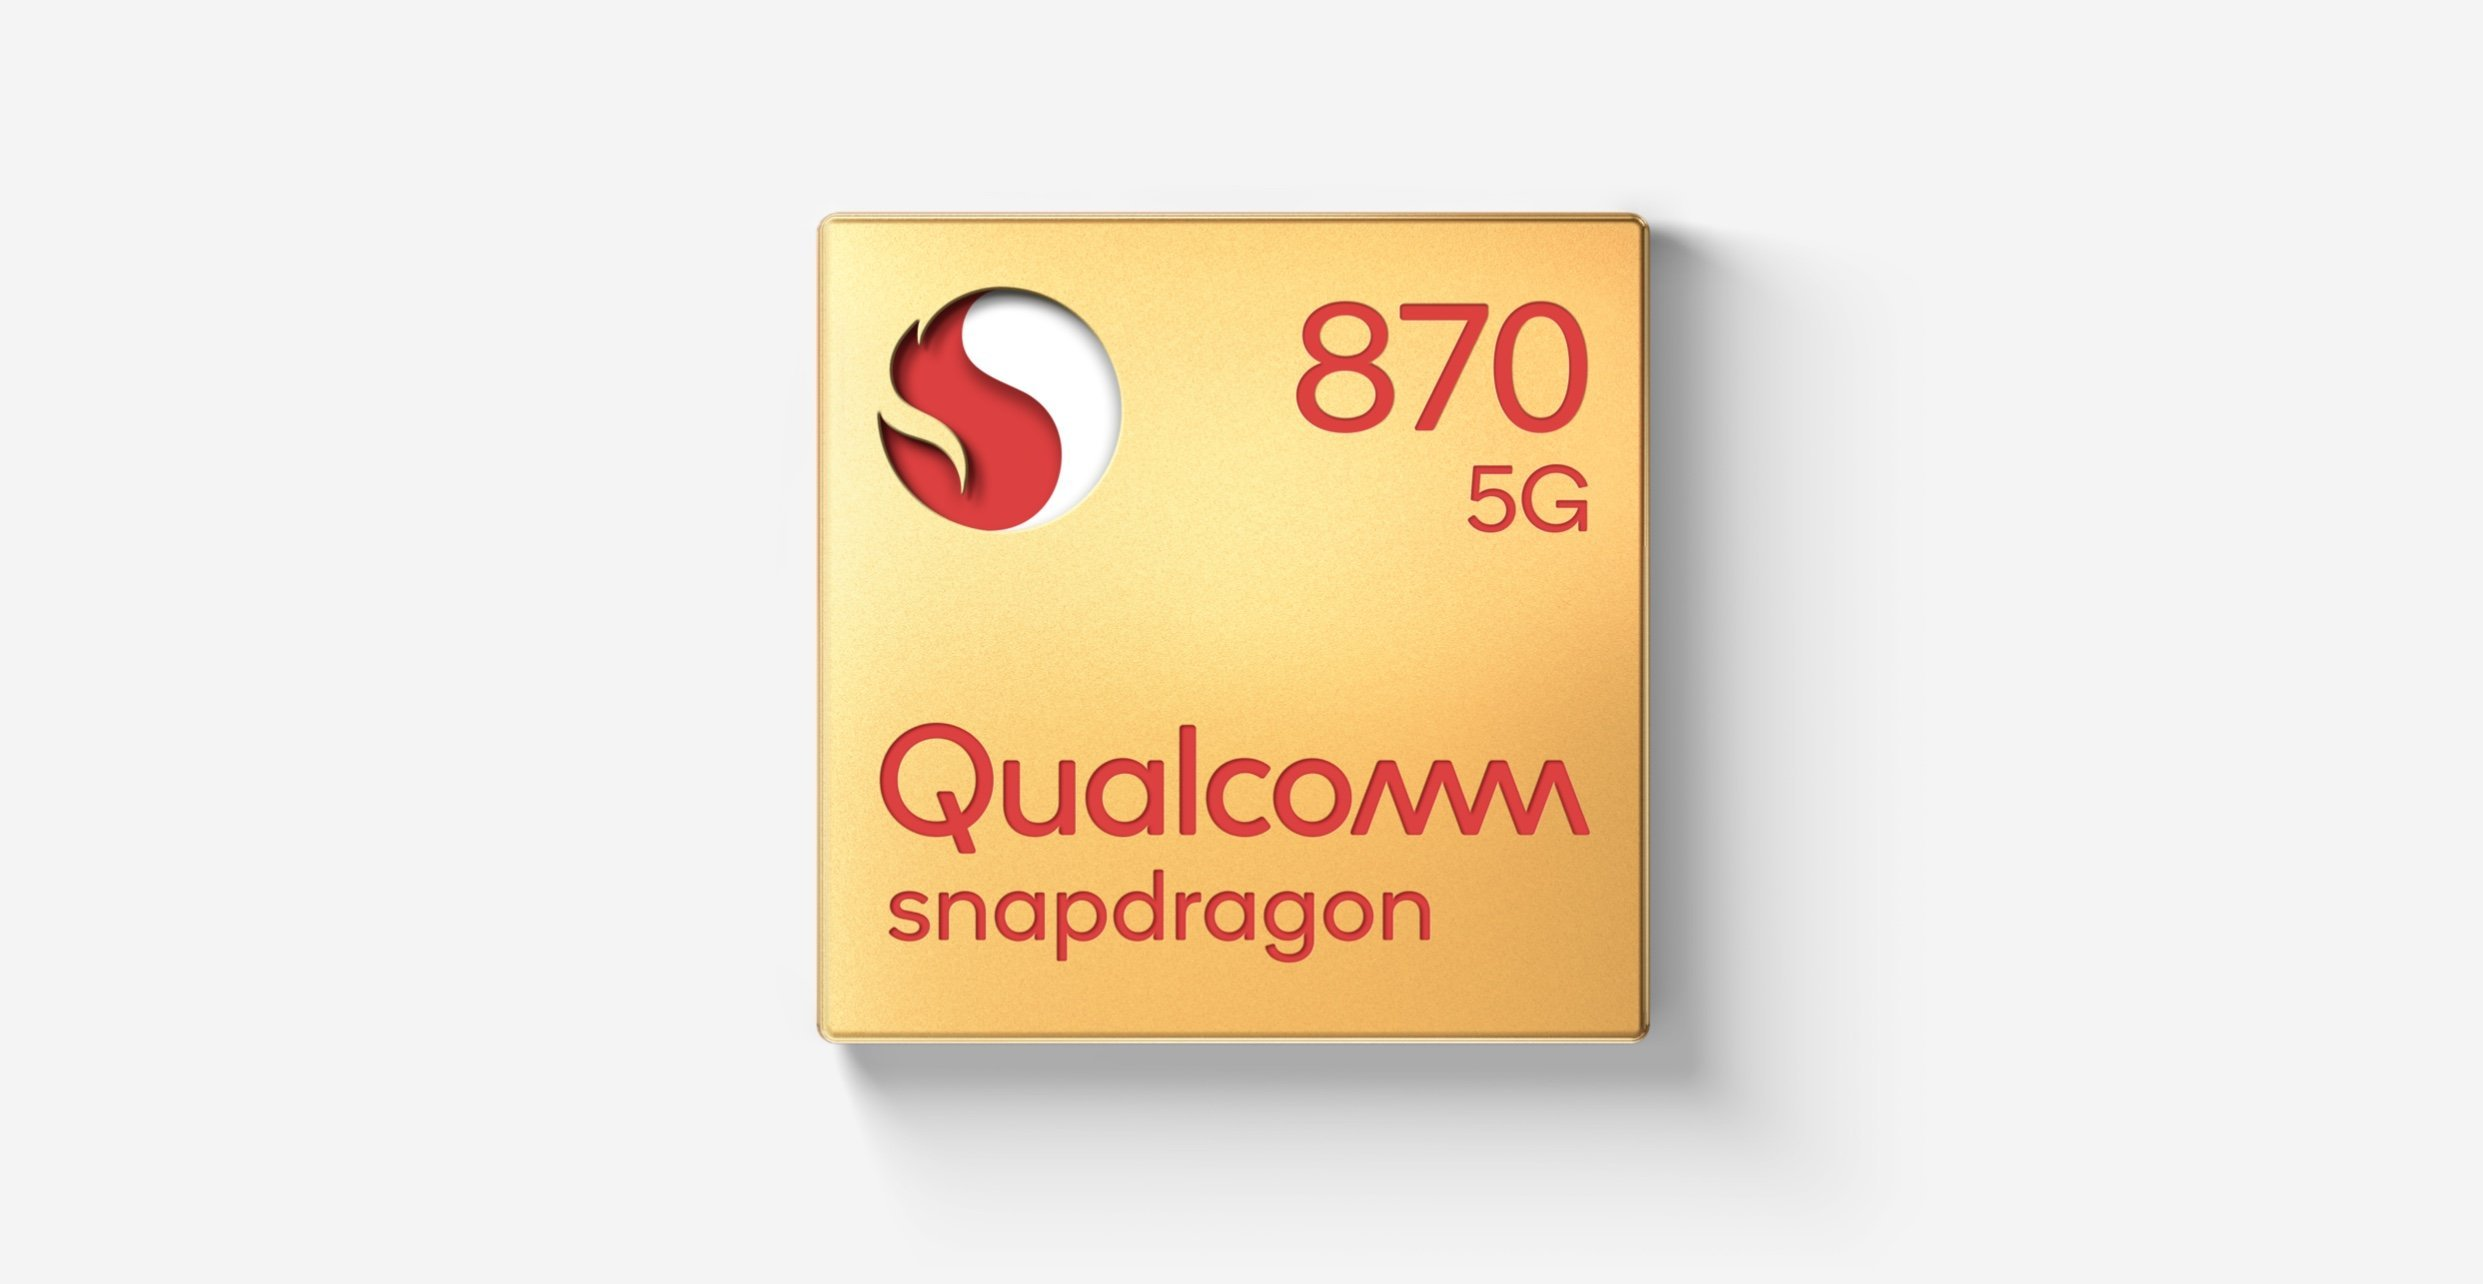 Qualcomm annonce le Snapdragon 870 5G pour muscler son jeu sur le haut de gamme